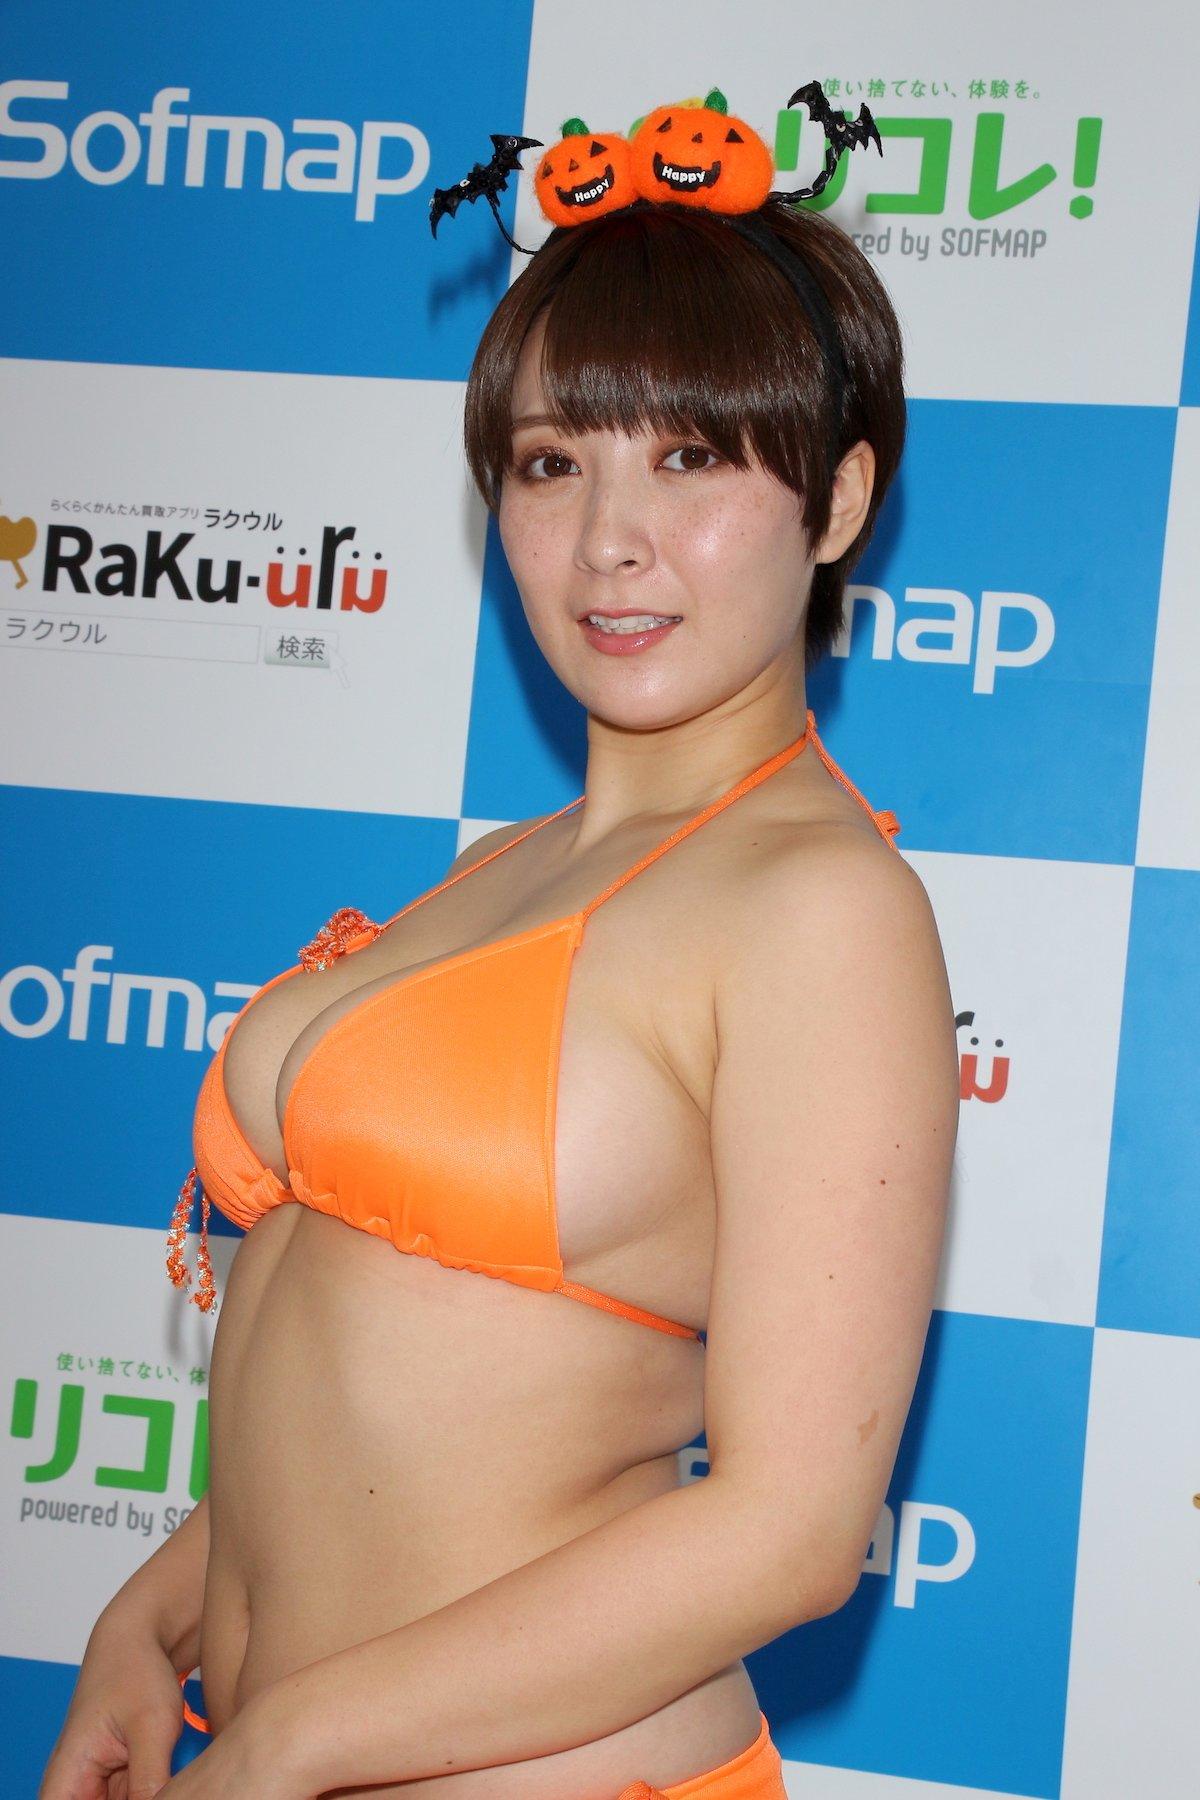 紺野栞「SM嬢に初挑戦」ムチを覚えて感動しました【画像49枚】の画像021